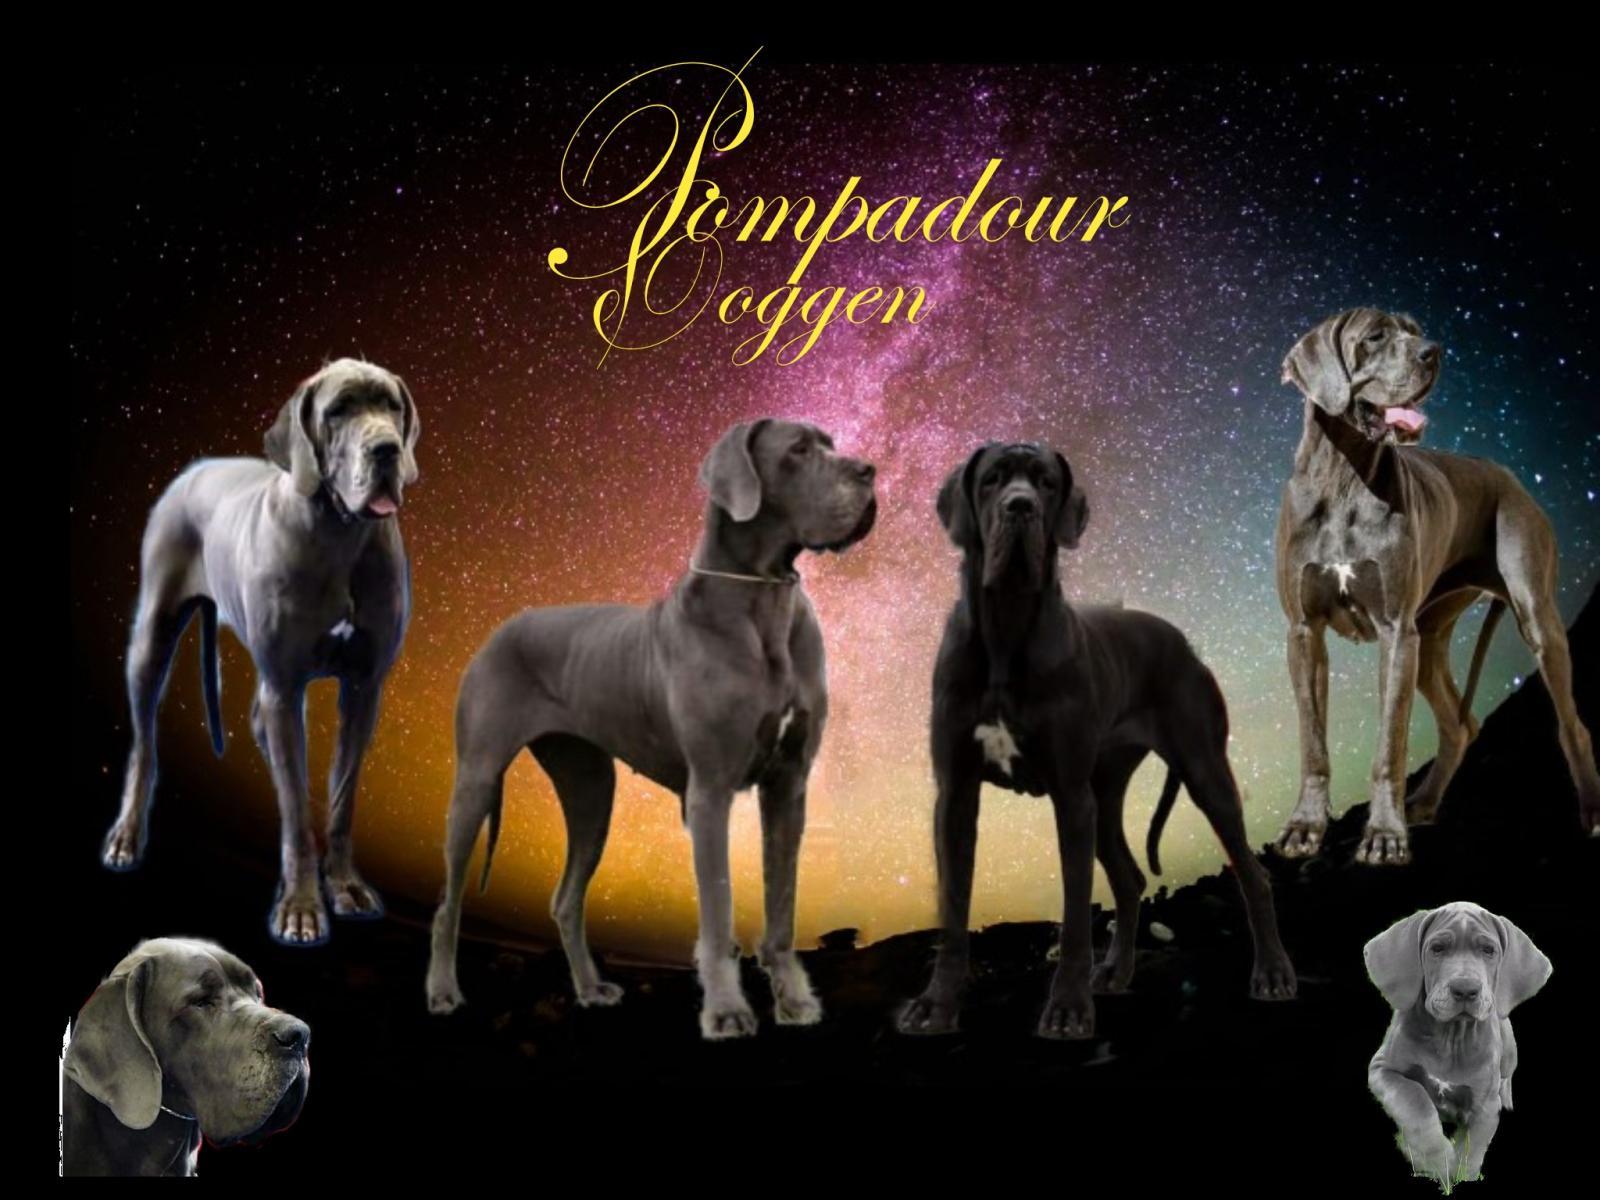 Pompadour Doggen